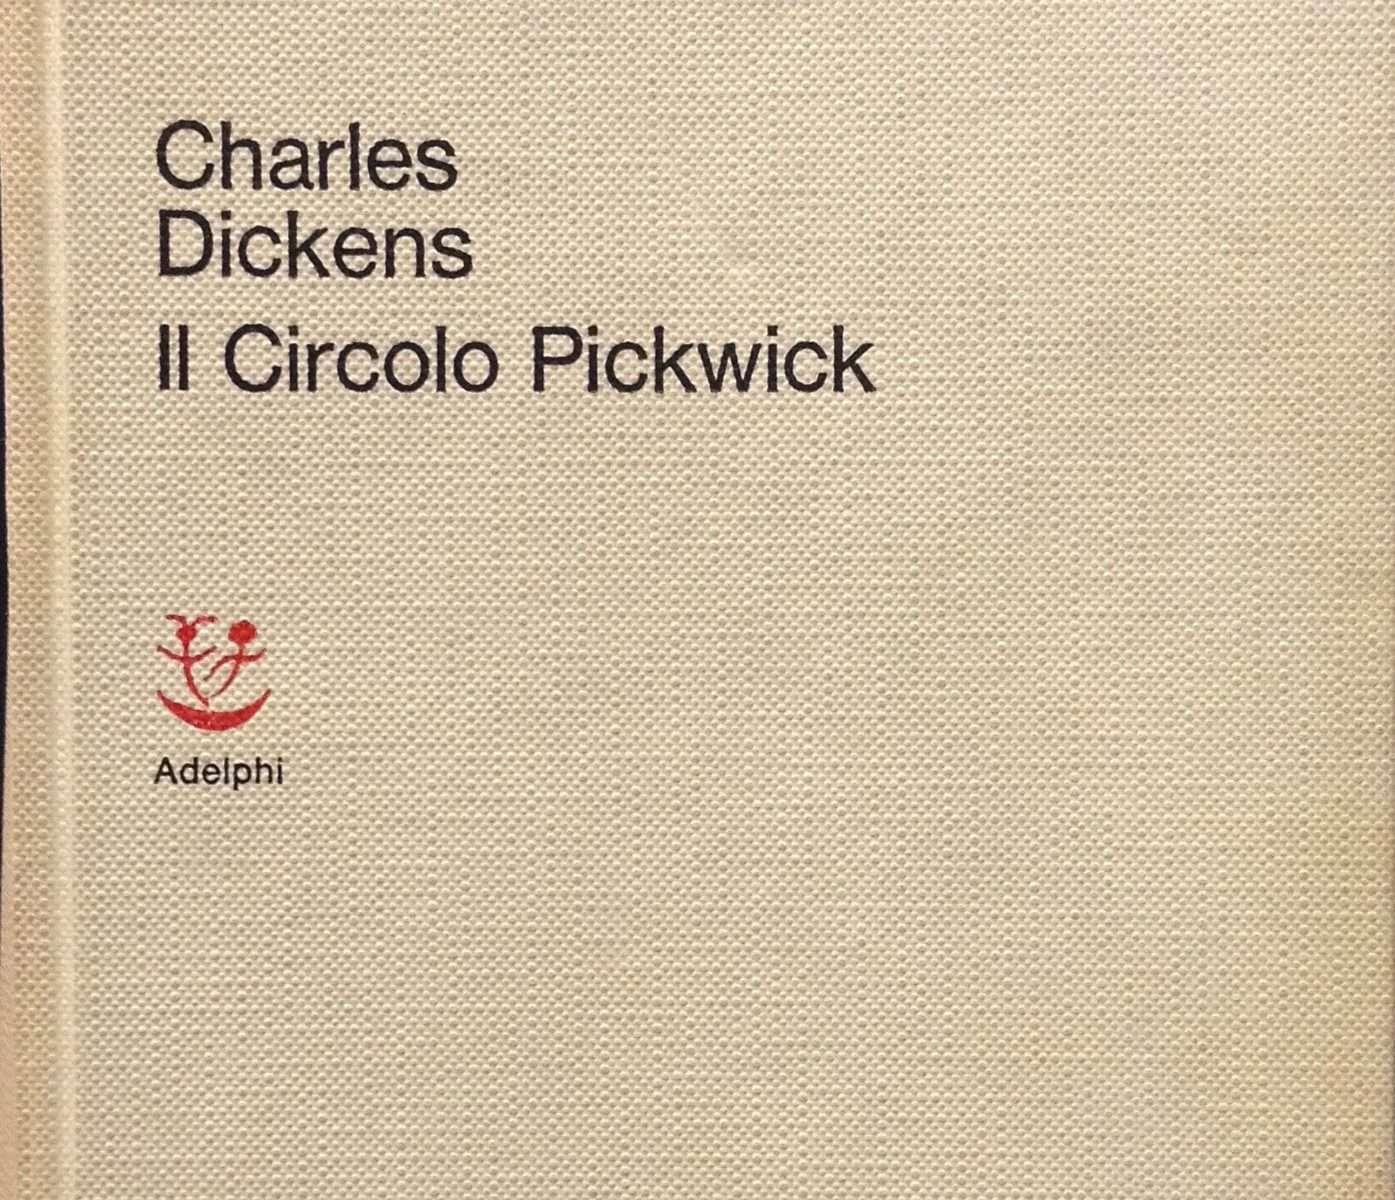 IL CIRCOLO PICKWICK <BR/>Charles Dickens